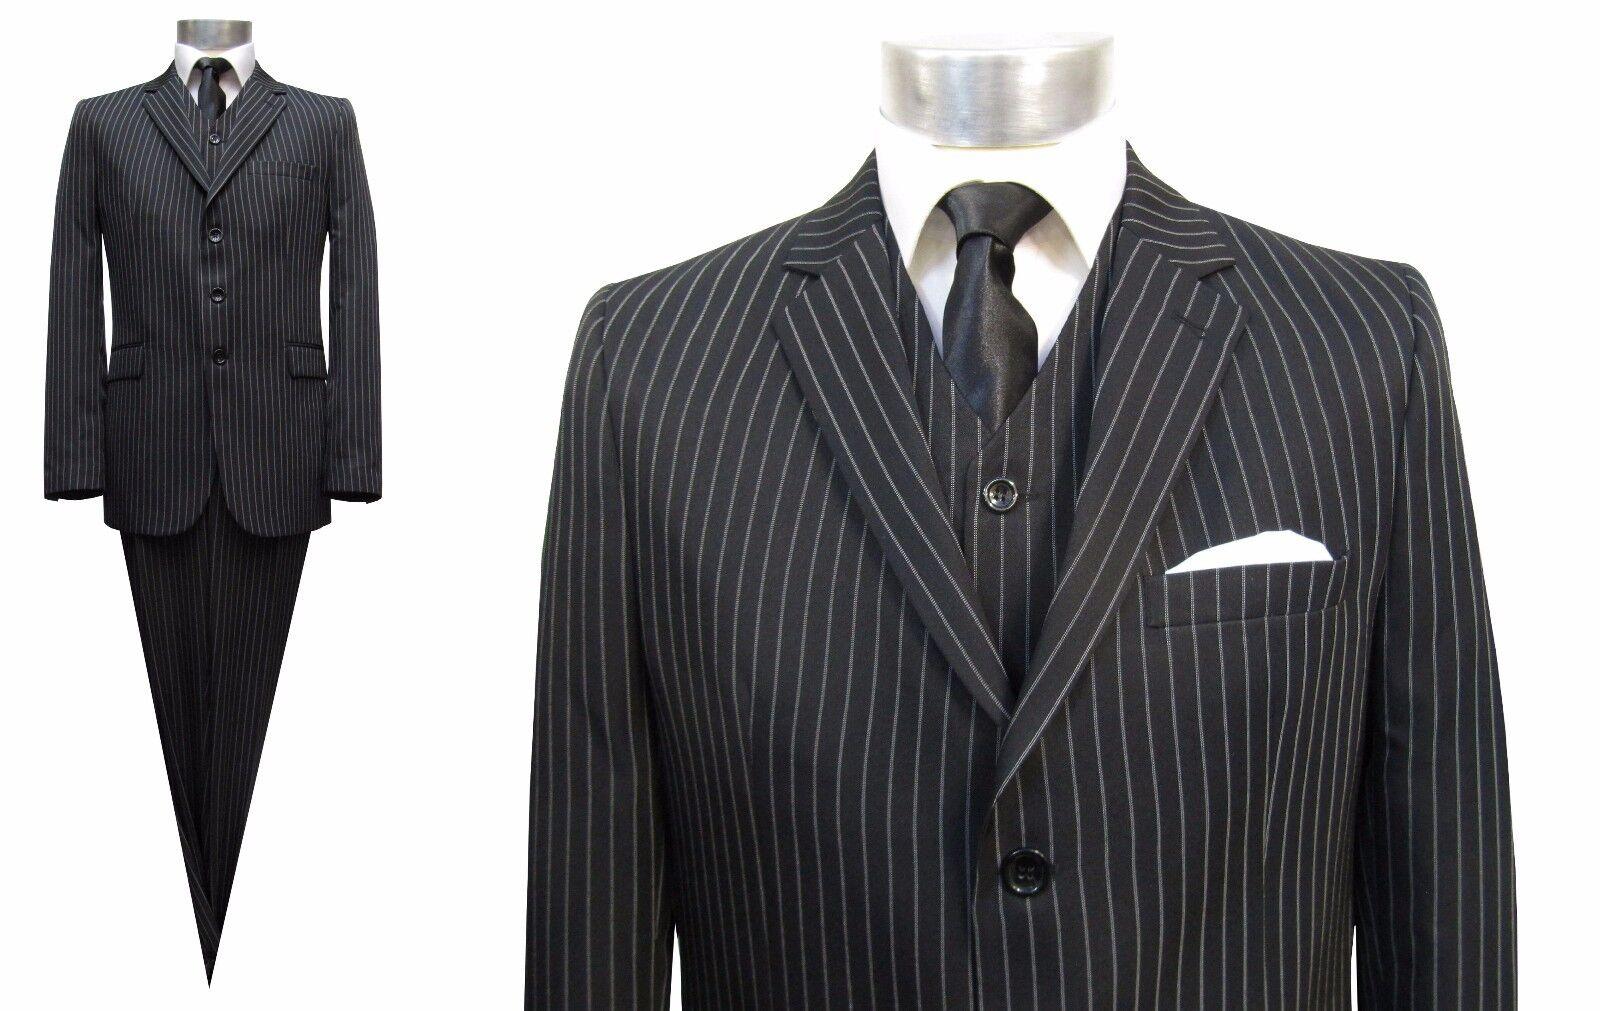 Nadel streifen Herren Anzug 3-teilig Gr.44 Schwarz